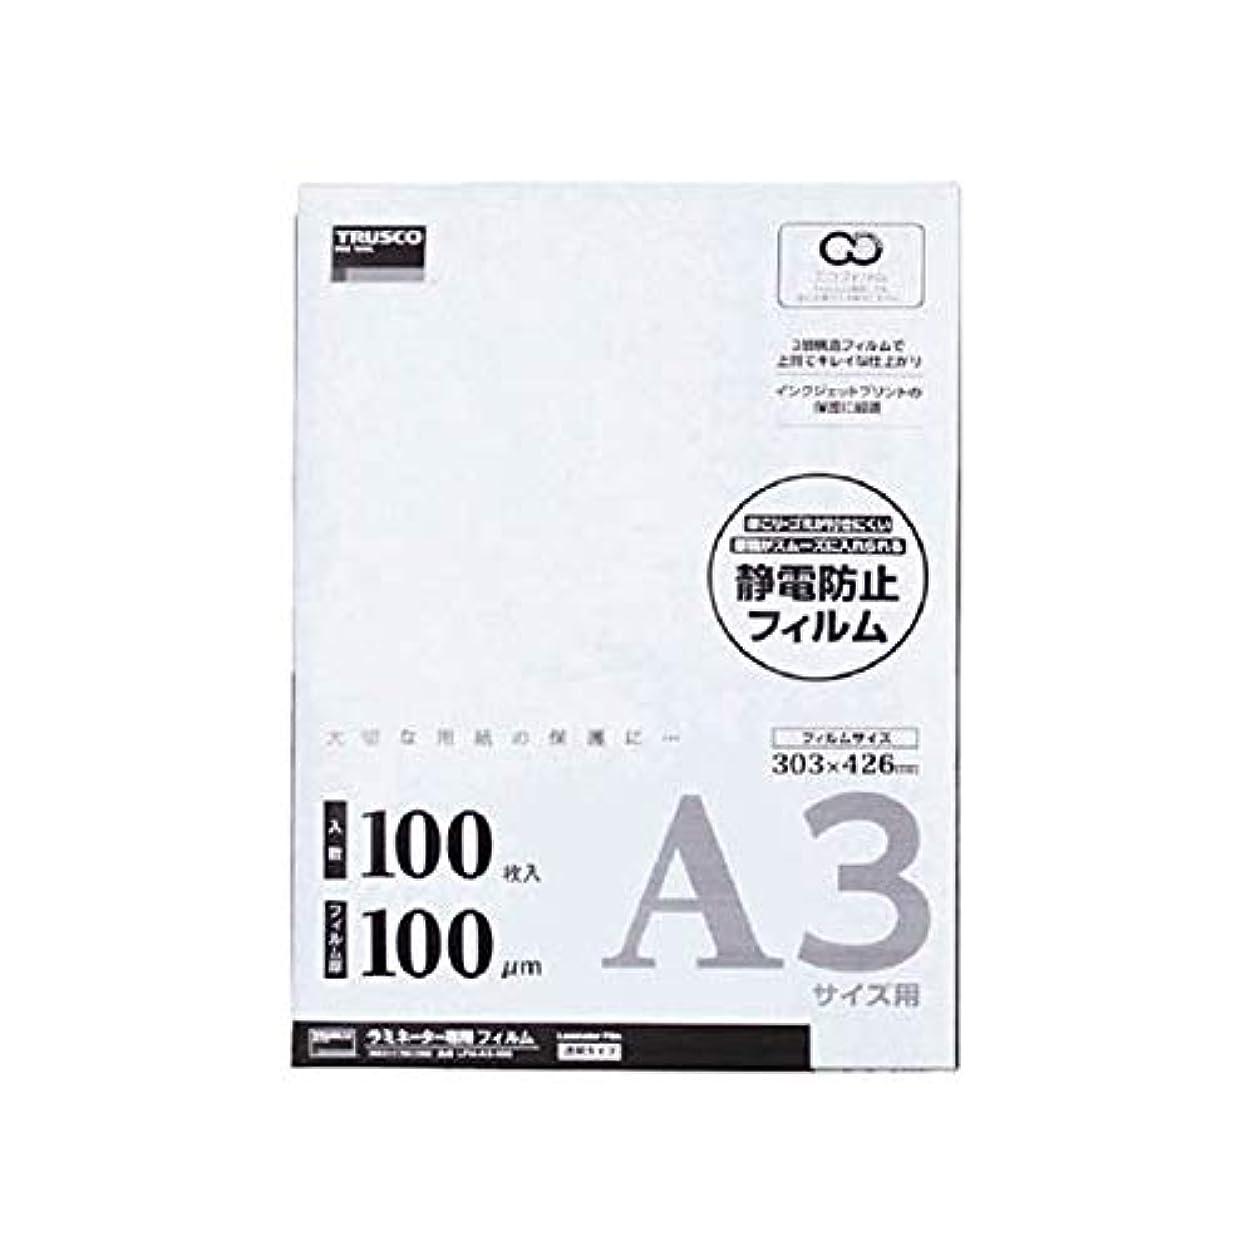 クアッガスローガン陰気日用品 オフィス用品 (まとめ買い) ラミネートフィルム A3100μ (100枚) 【×2セット】